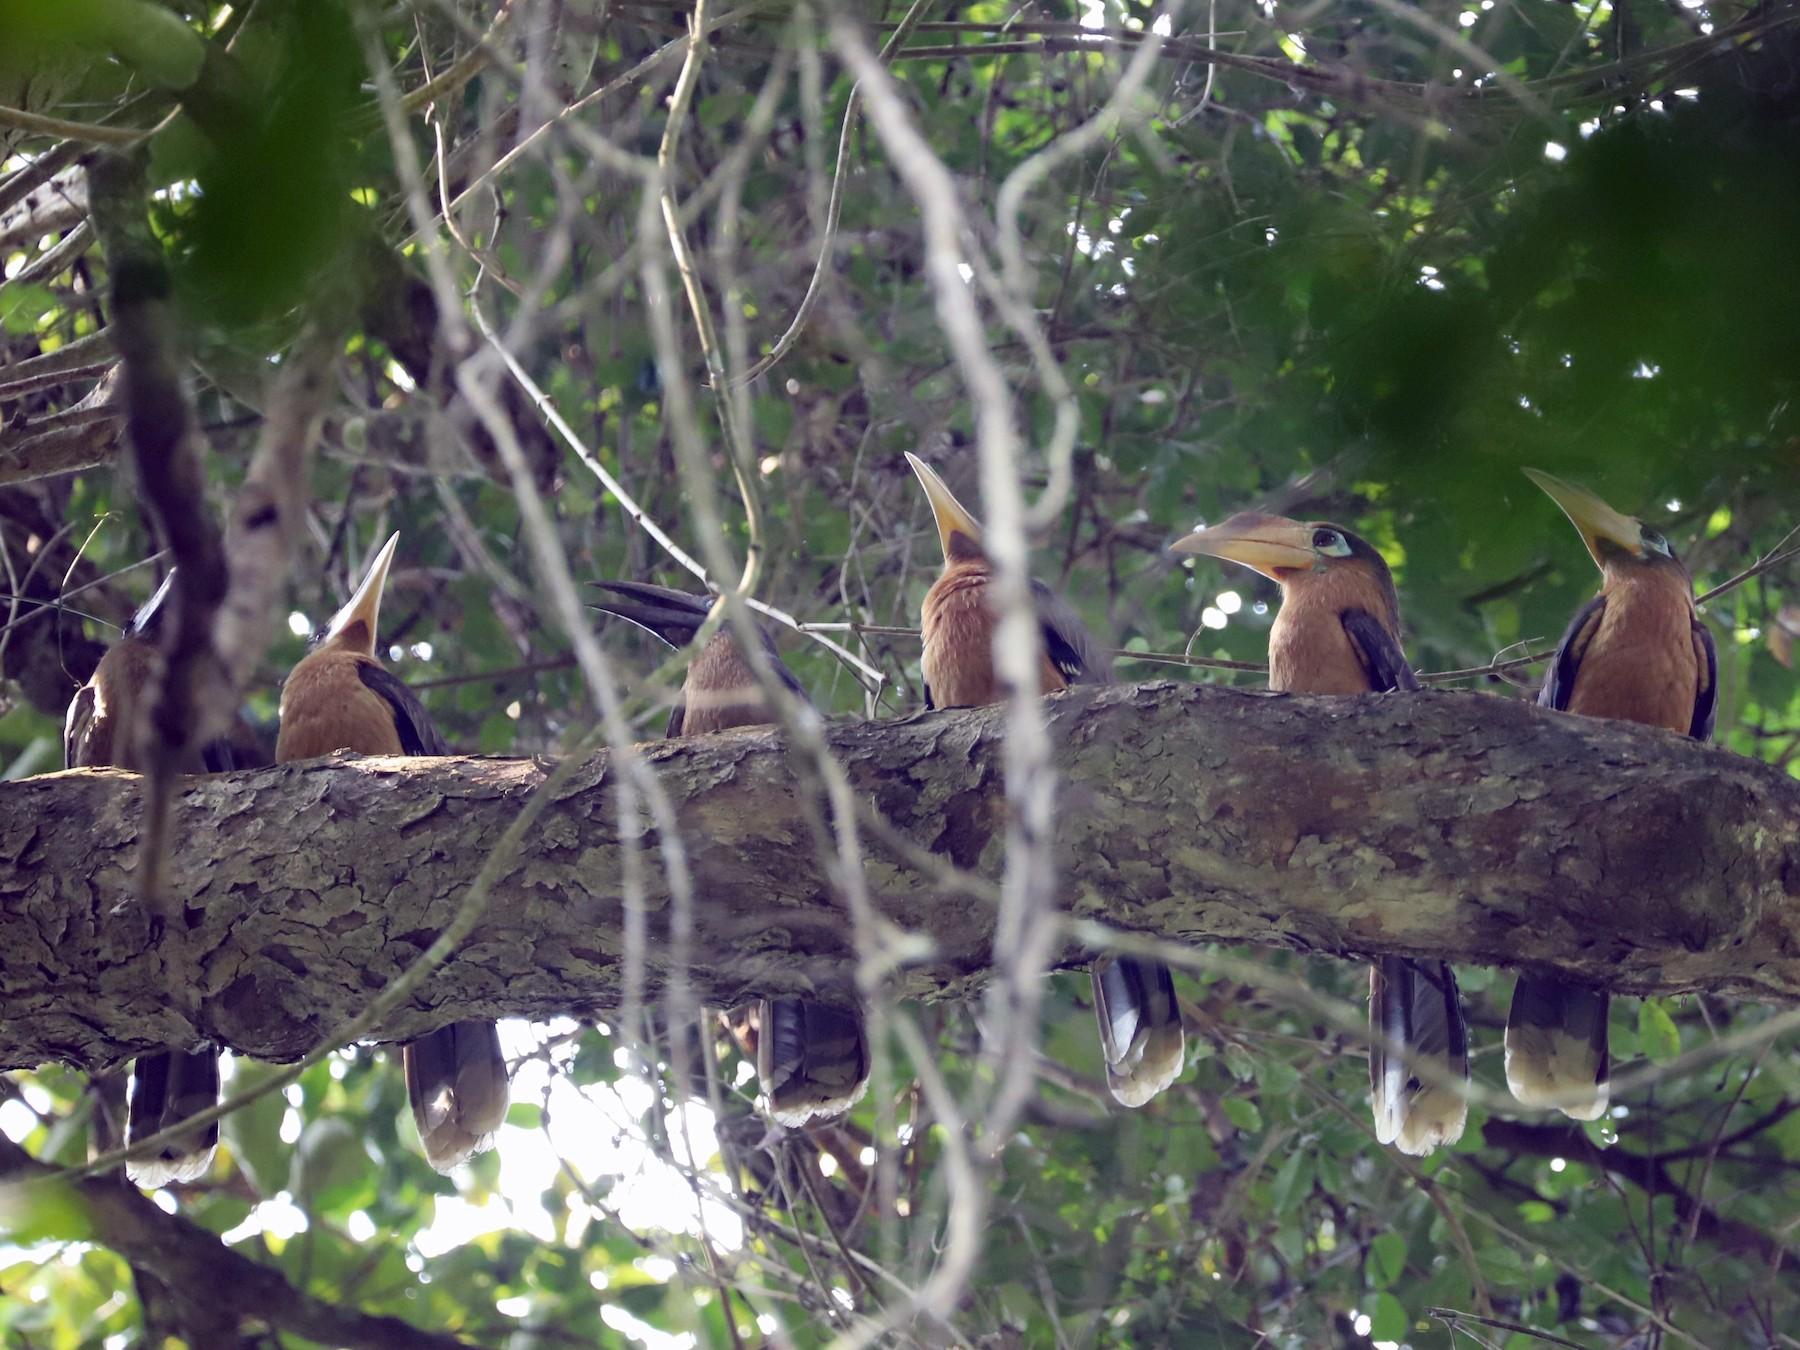 Rusty-cheeked Hornbill - Are Nakrem